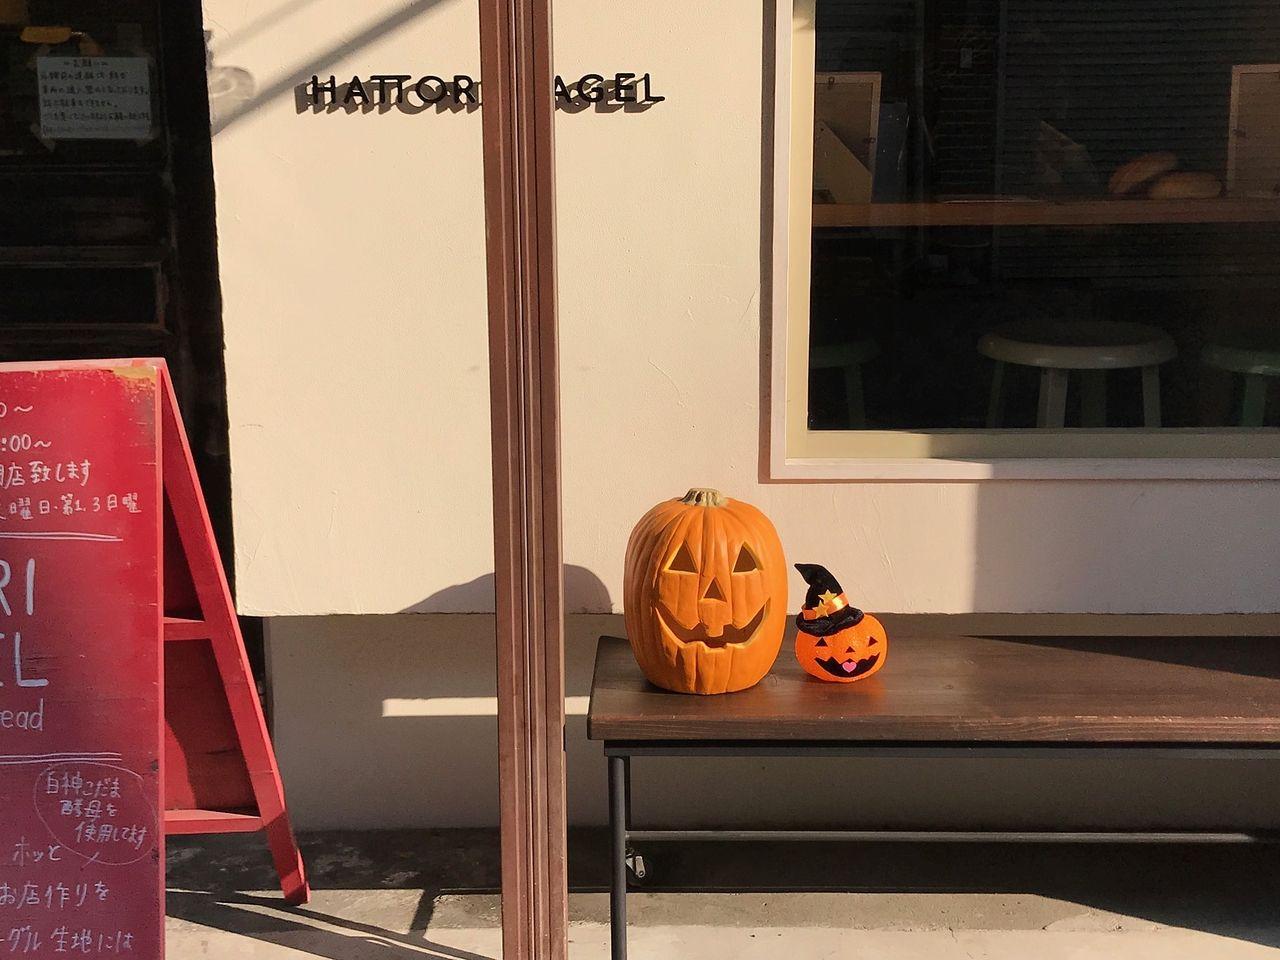 Halloweenの飾りつけもですが、季節感のあるベーグルを楽しめます